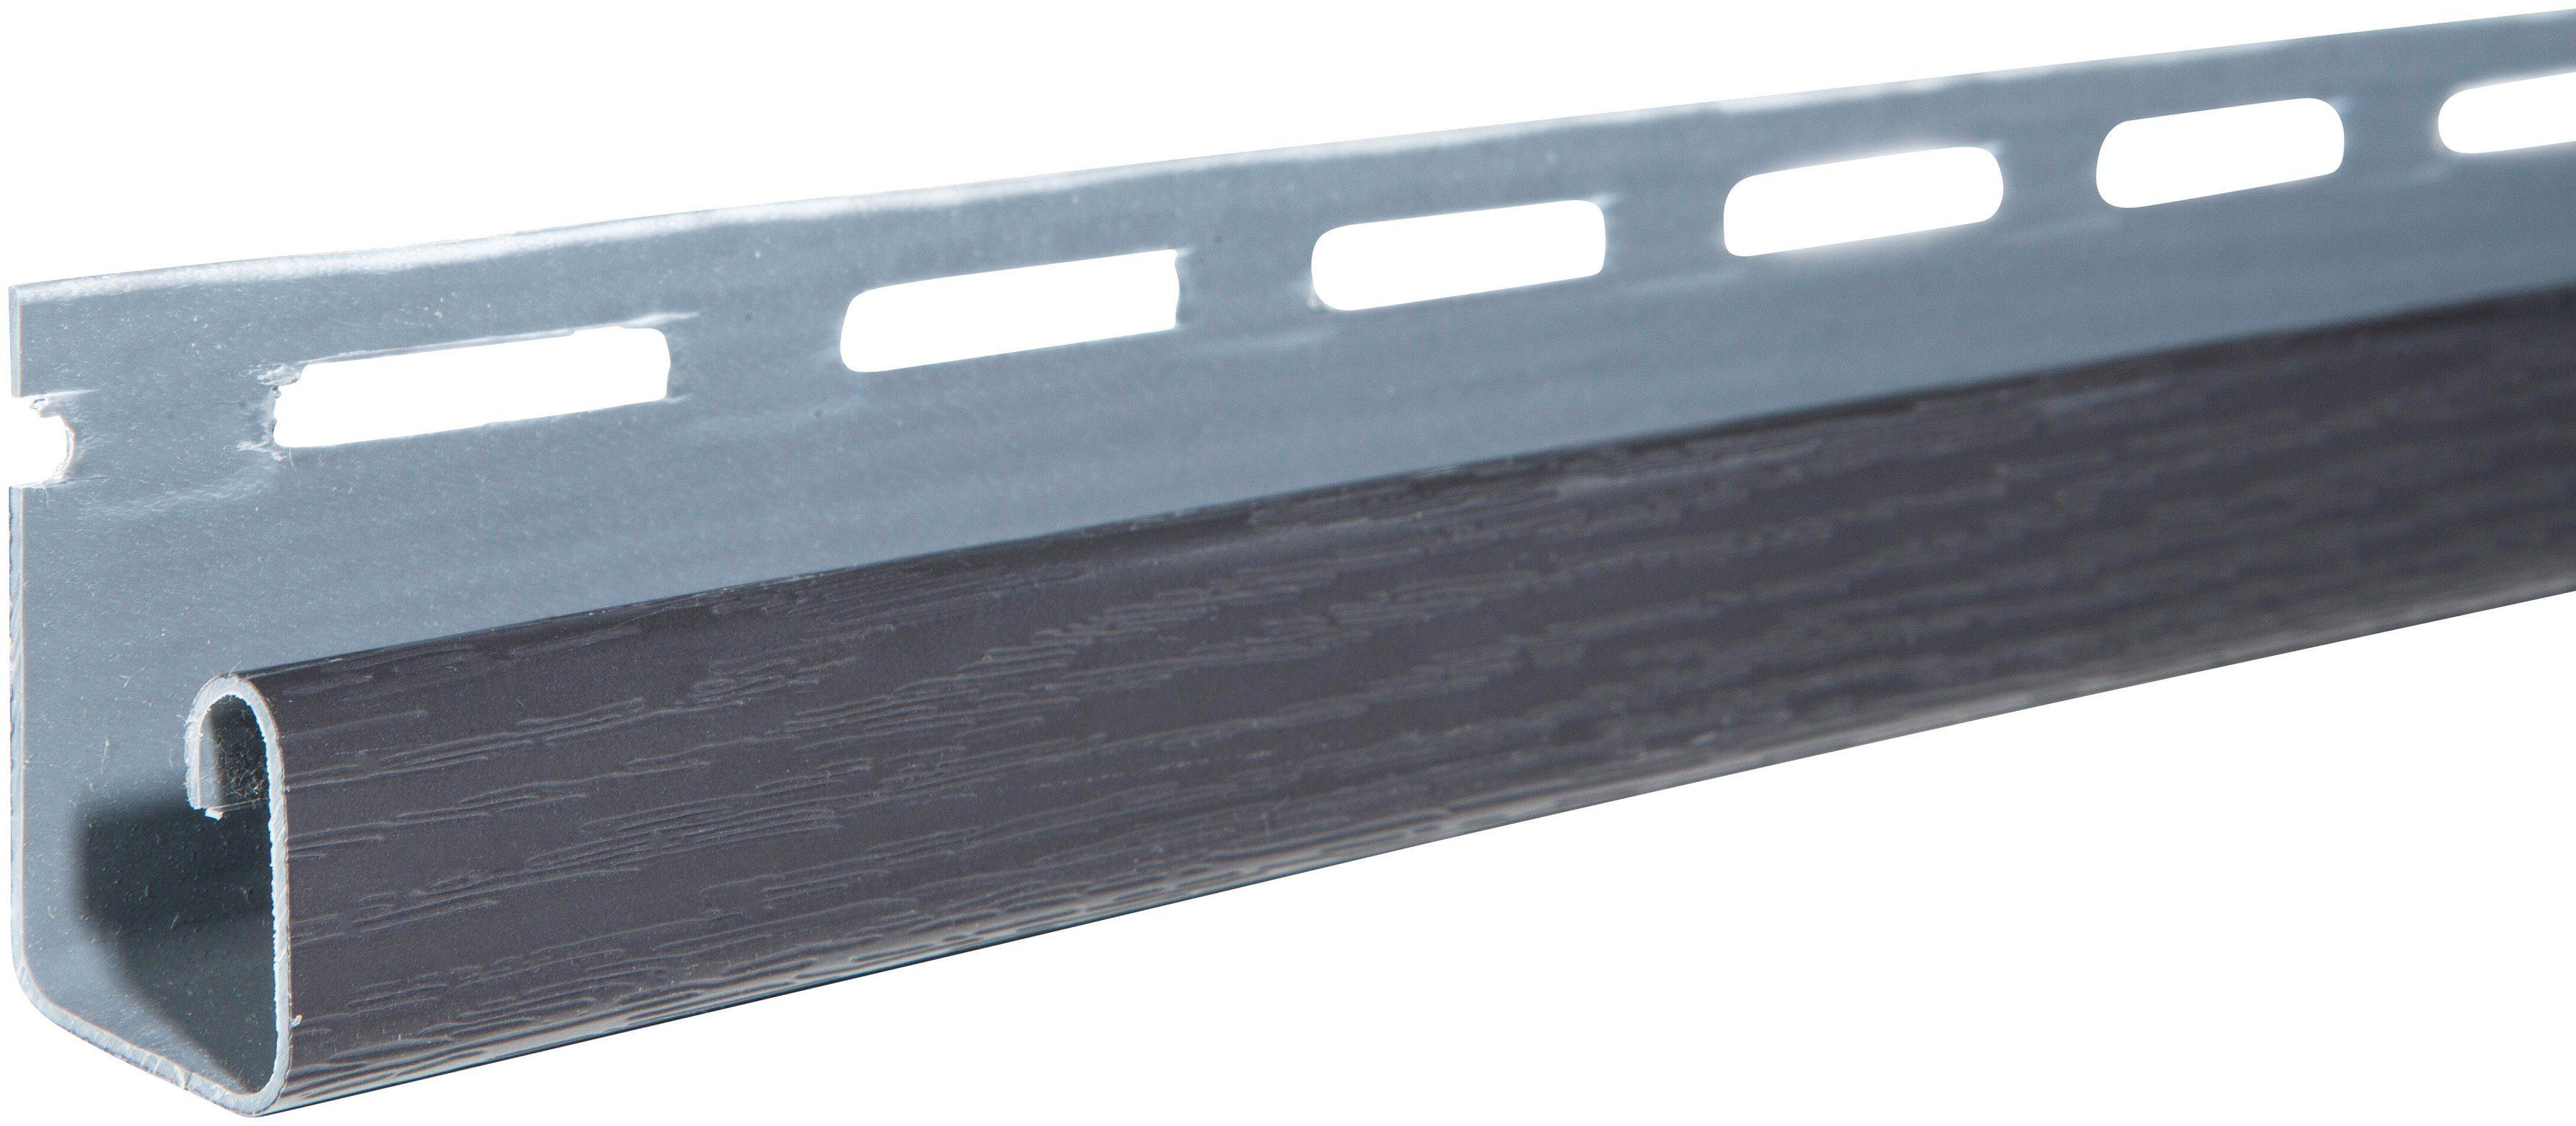 BAUKULIT Set: Abschlussprofil »SOFFIT«, graphit, für Dachüberstand, 4er Set, je 1,525 m